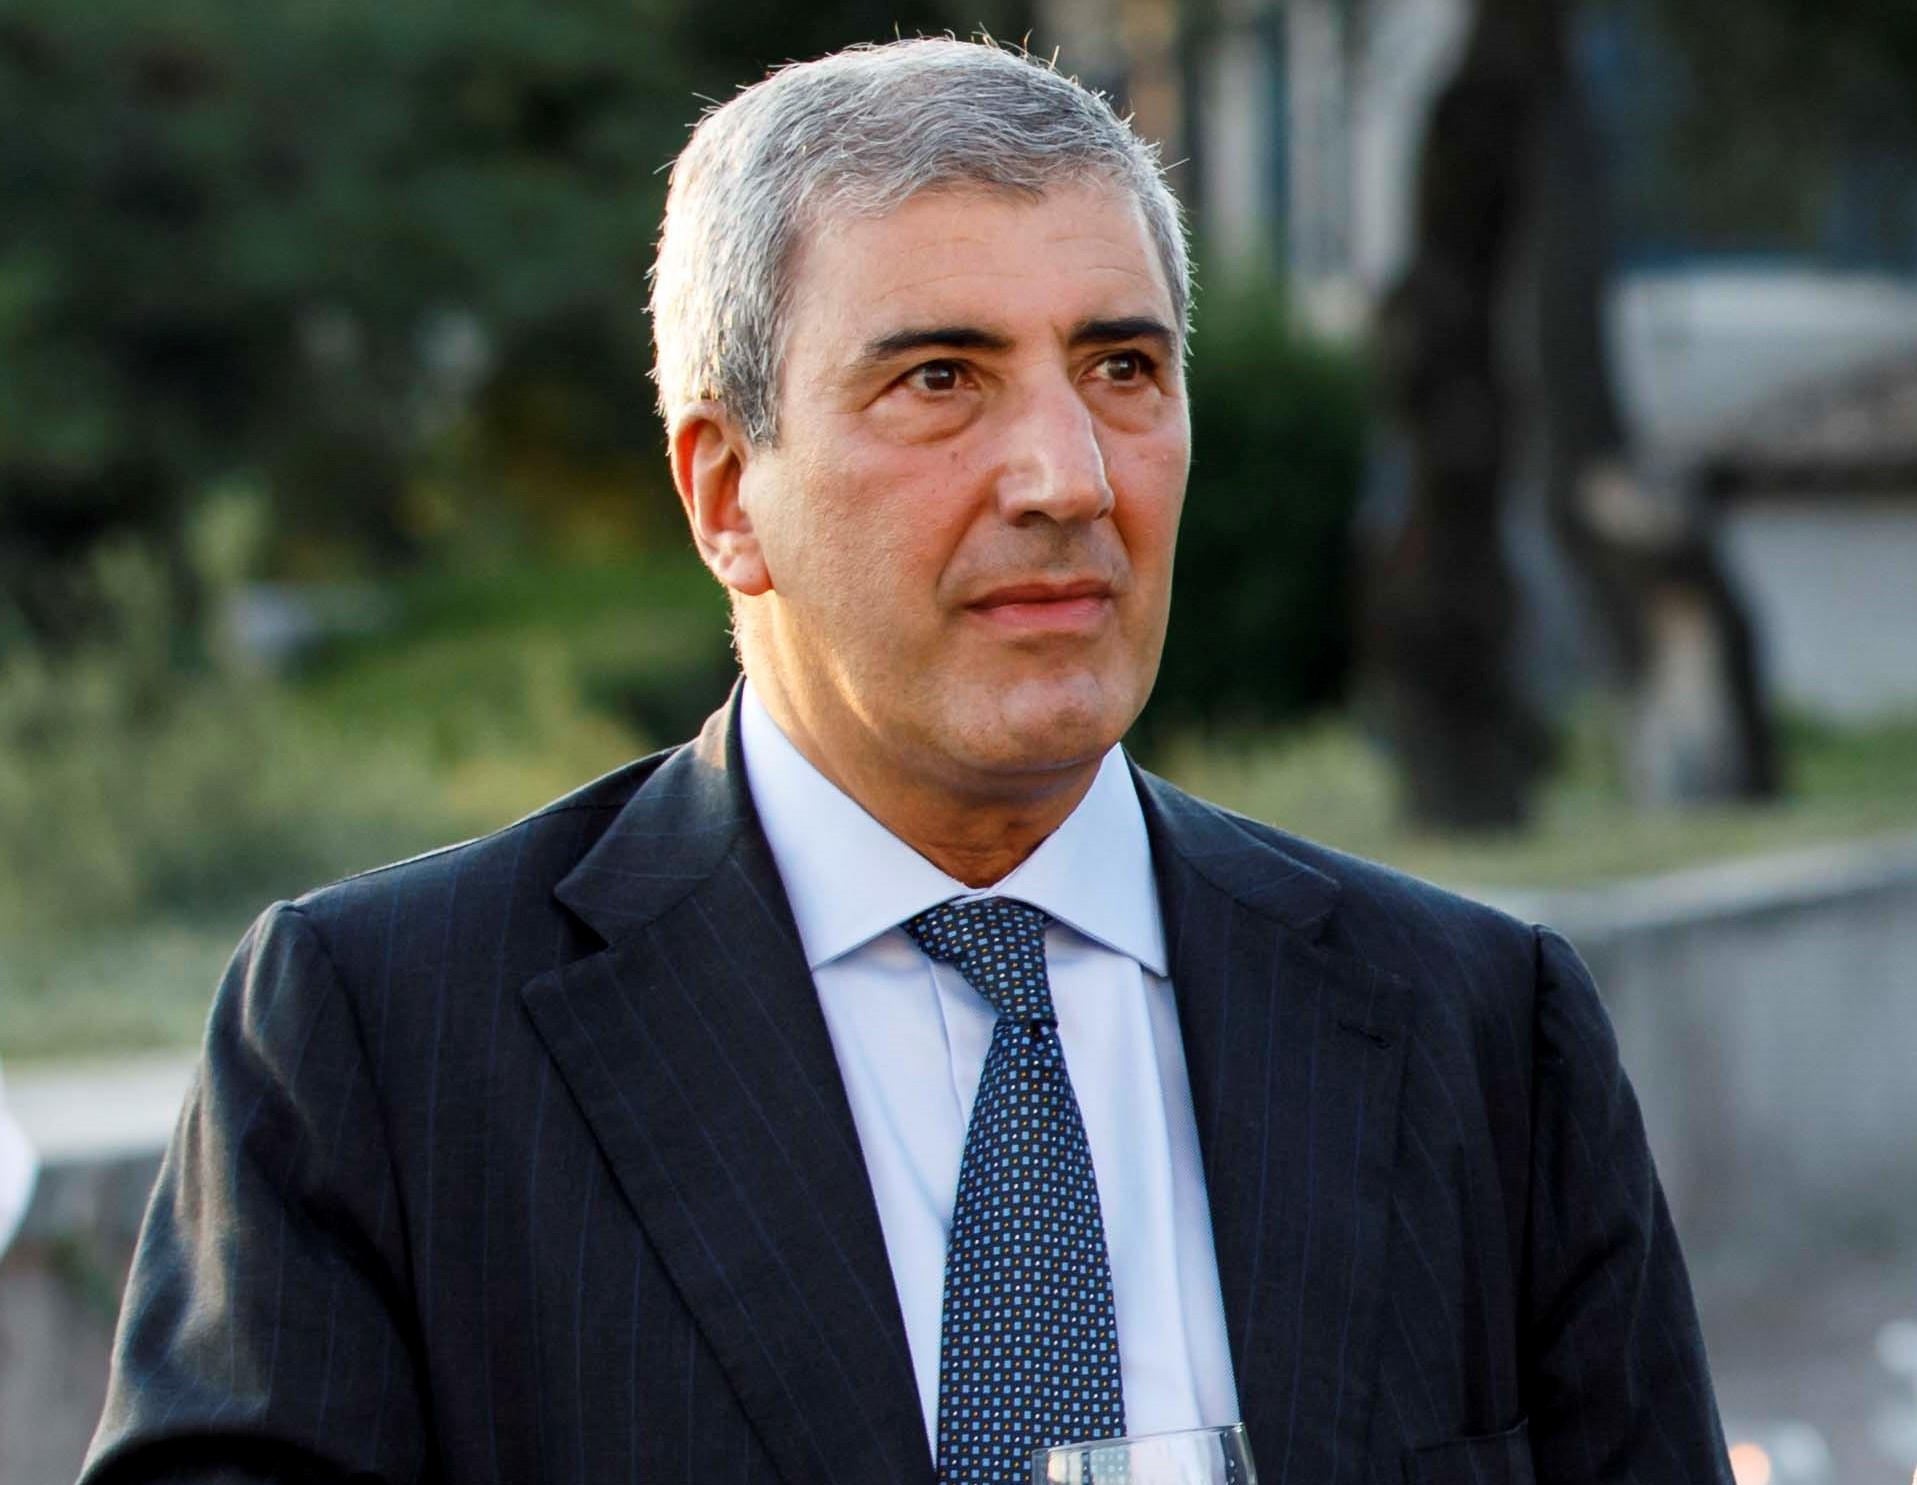 Diego Guida